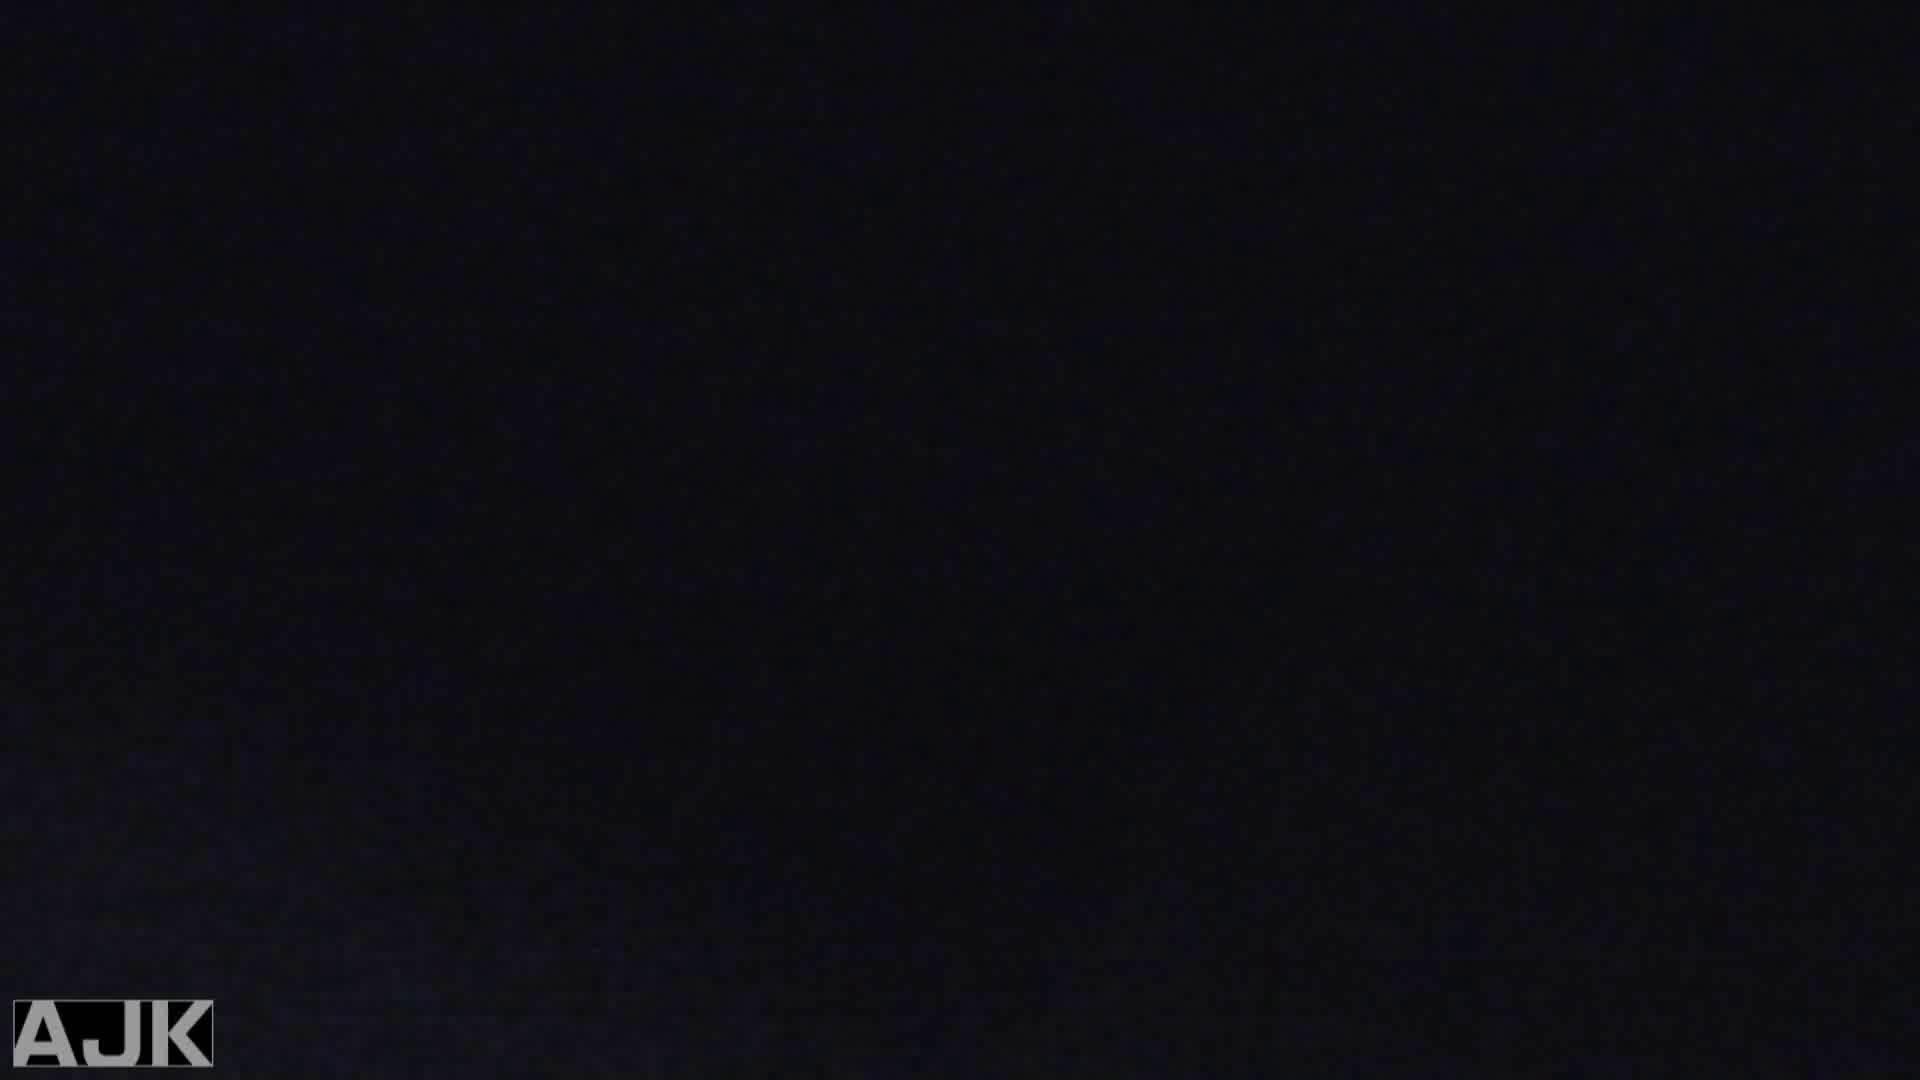 神降臨!史上最強の潜入かわや! vol.22 盗撮師作品 覗きおまんこ画像 96pic 72